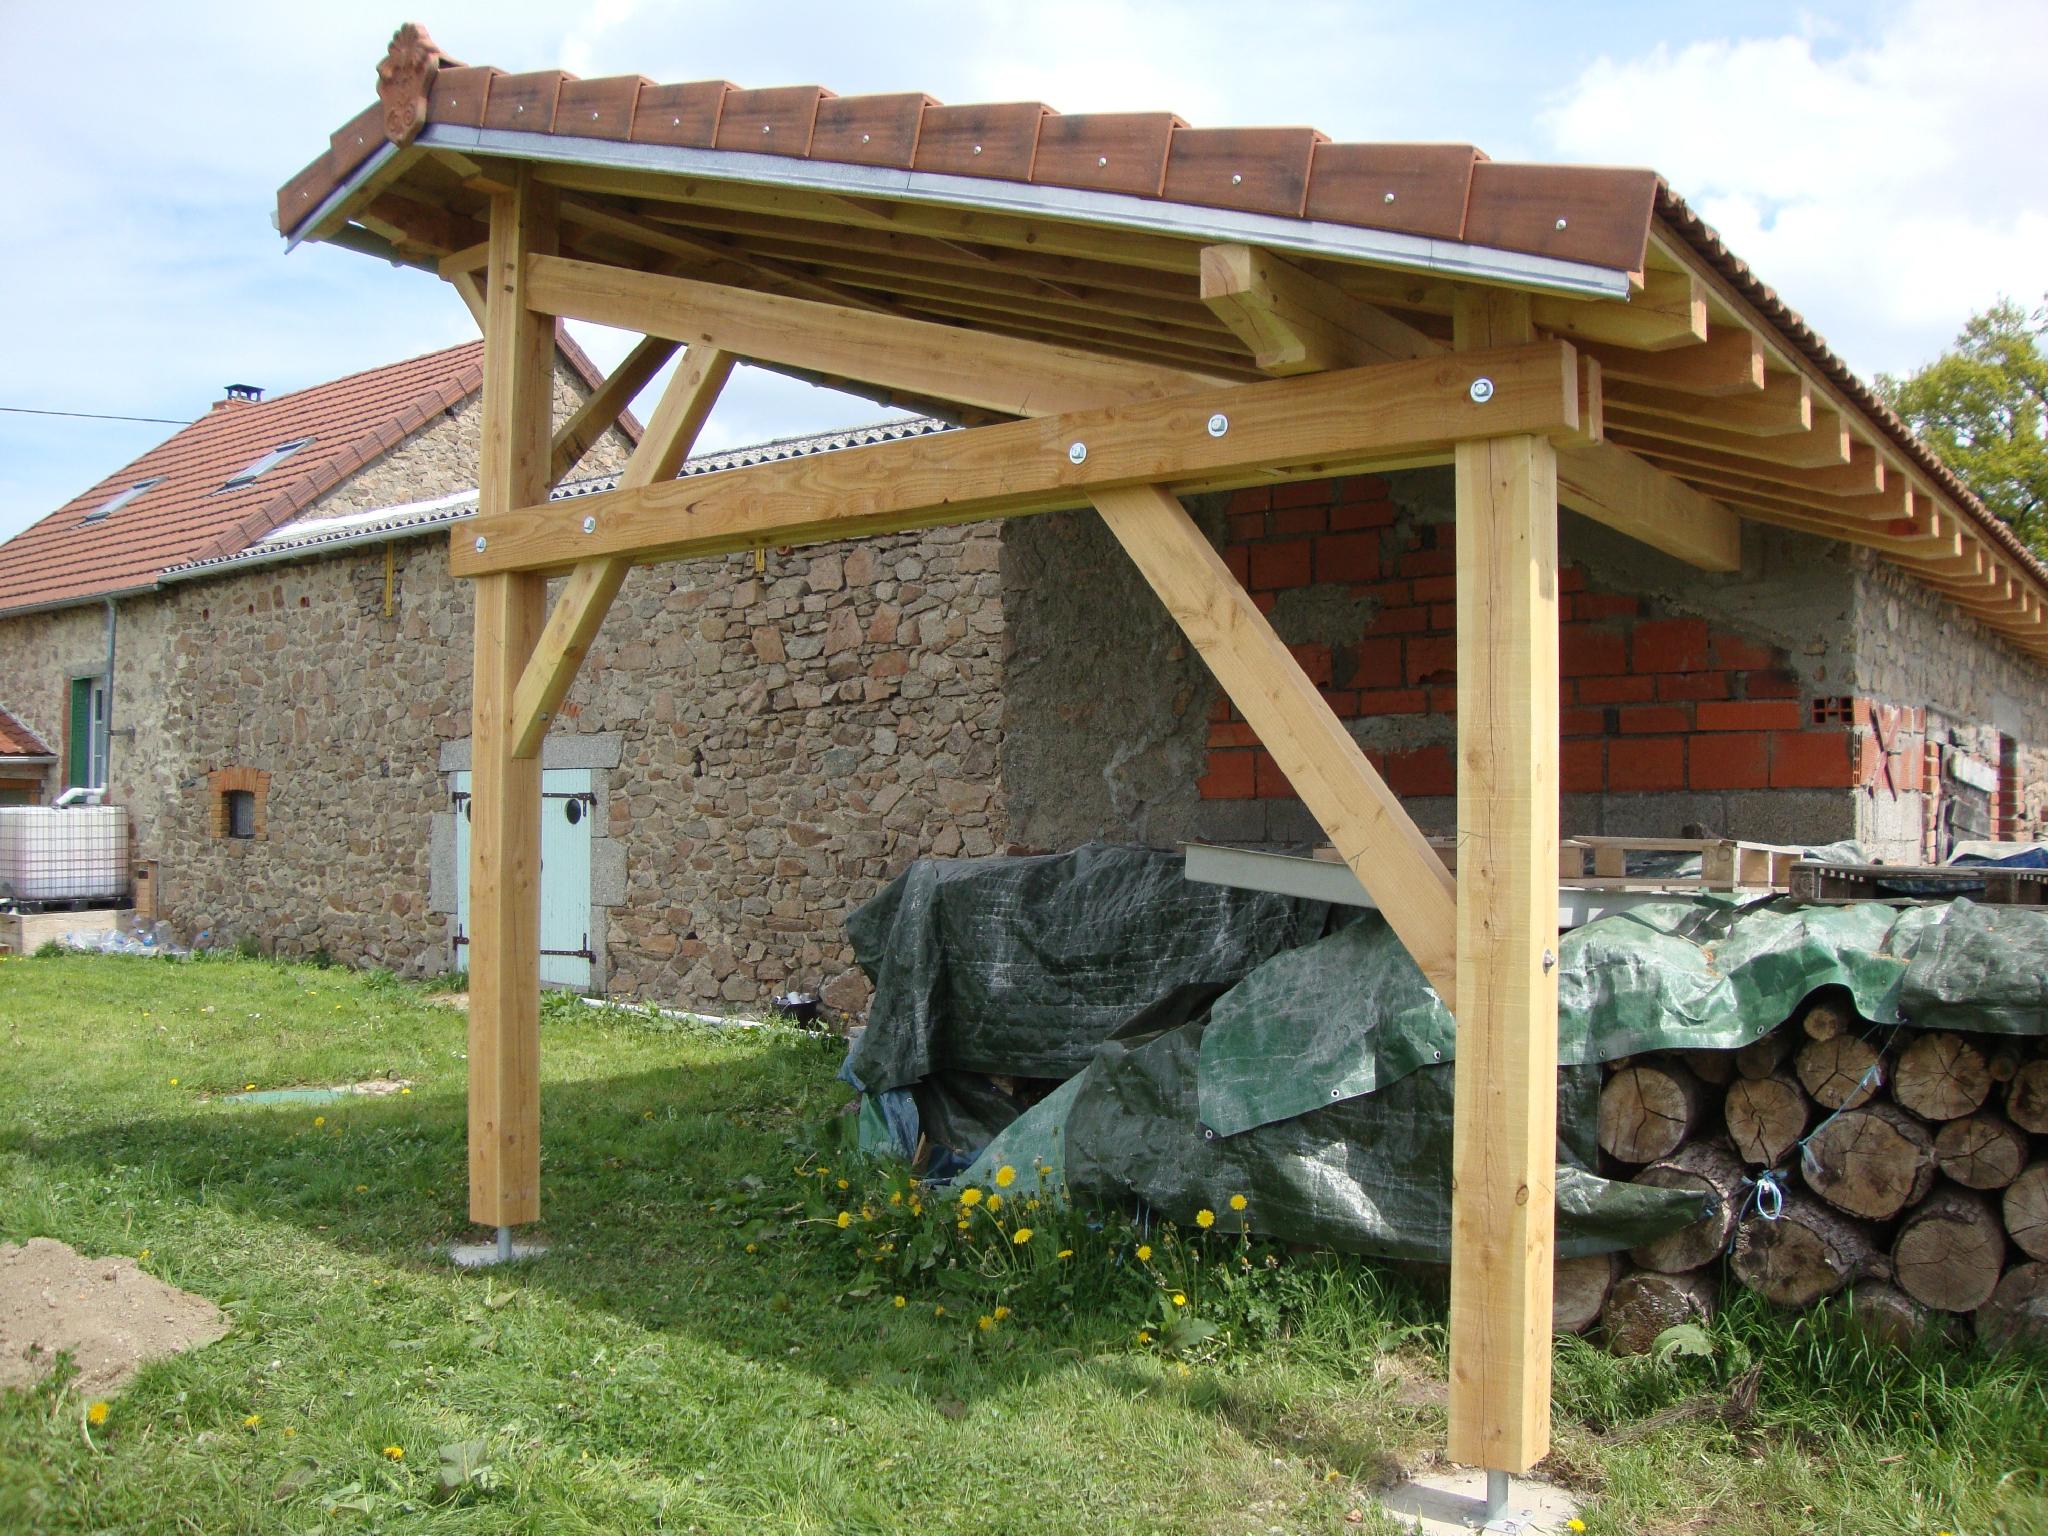 Molles abri de jardin charpentier couvreur 03 allier for Charpente bois une pente